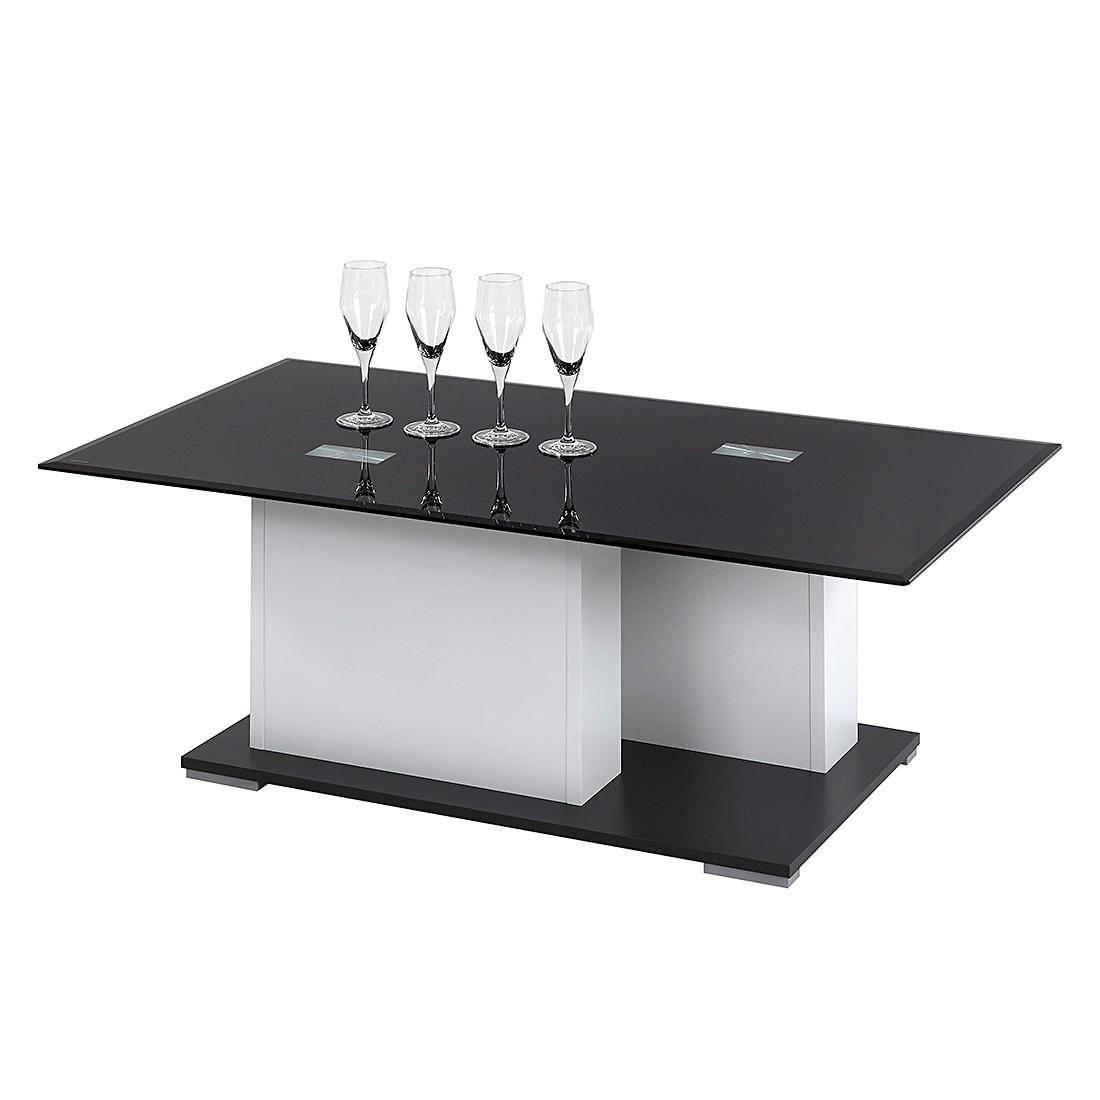 Couchtisch Burgio – Weiß/Schwarzglas, mooved jetzt bestellen